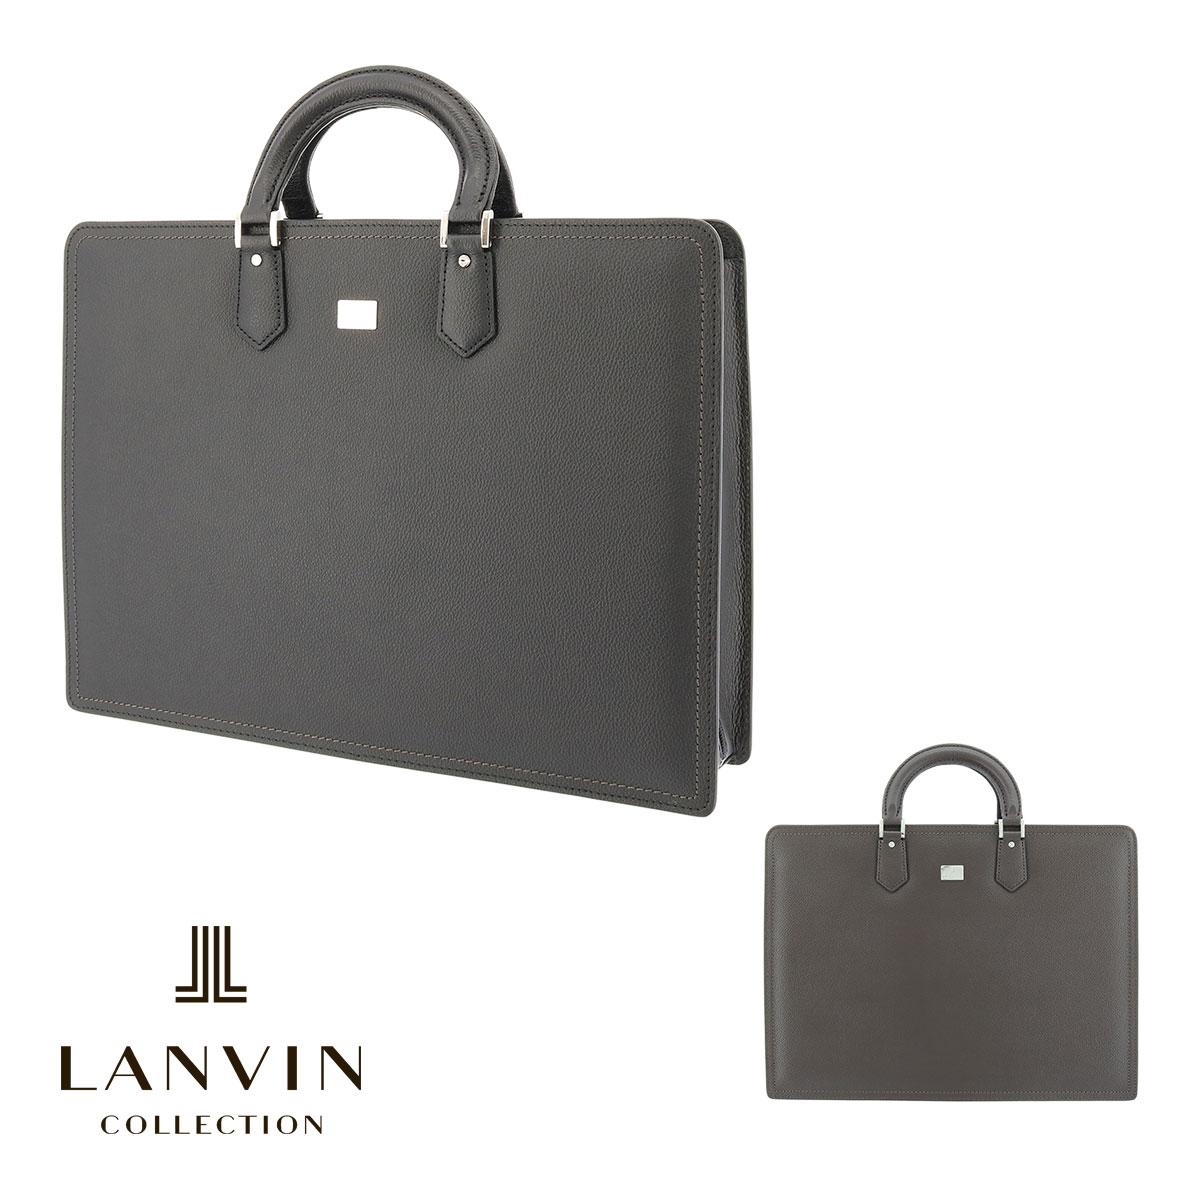 ランバンコレクション ブリーフケース A4 メンズ 日本製 マクシム 280521 LANVIN COLLECTION ビジネスバッグ 出張 牛革 本革 レザー